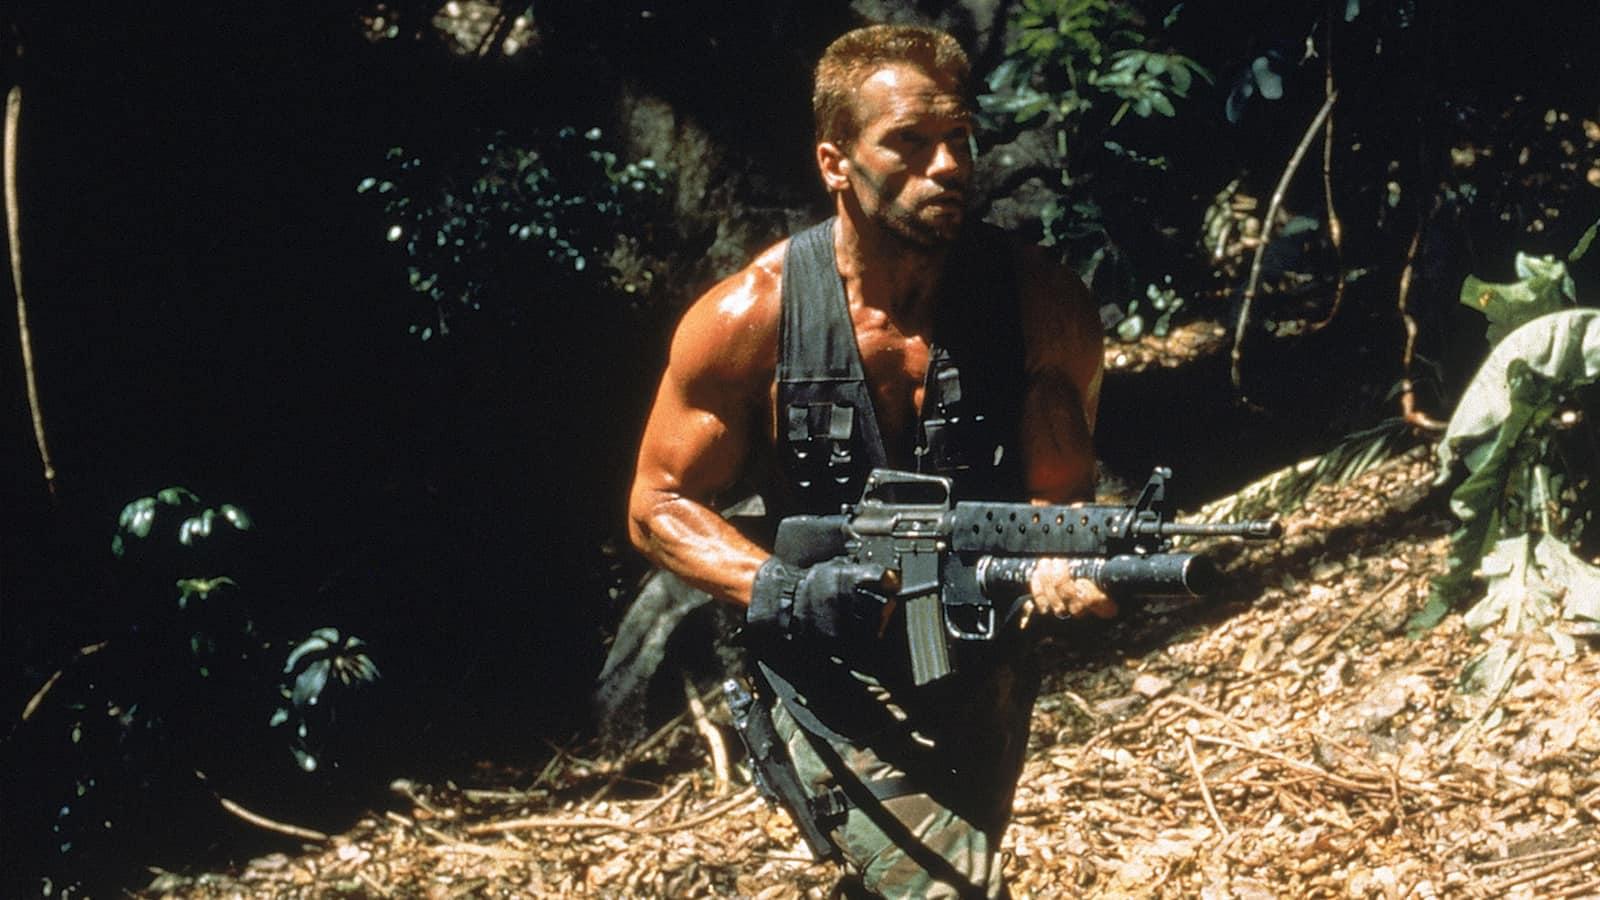 predator-den-usynlige-fiende-1987